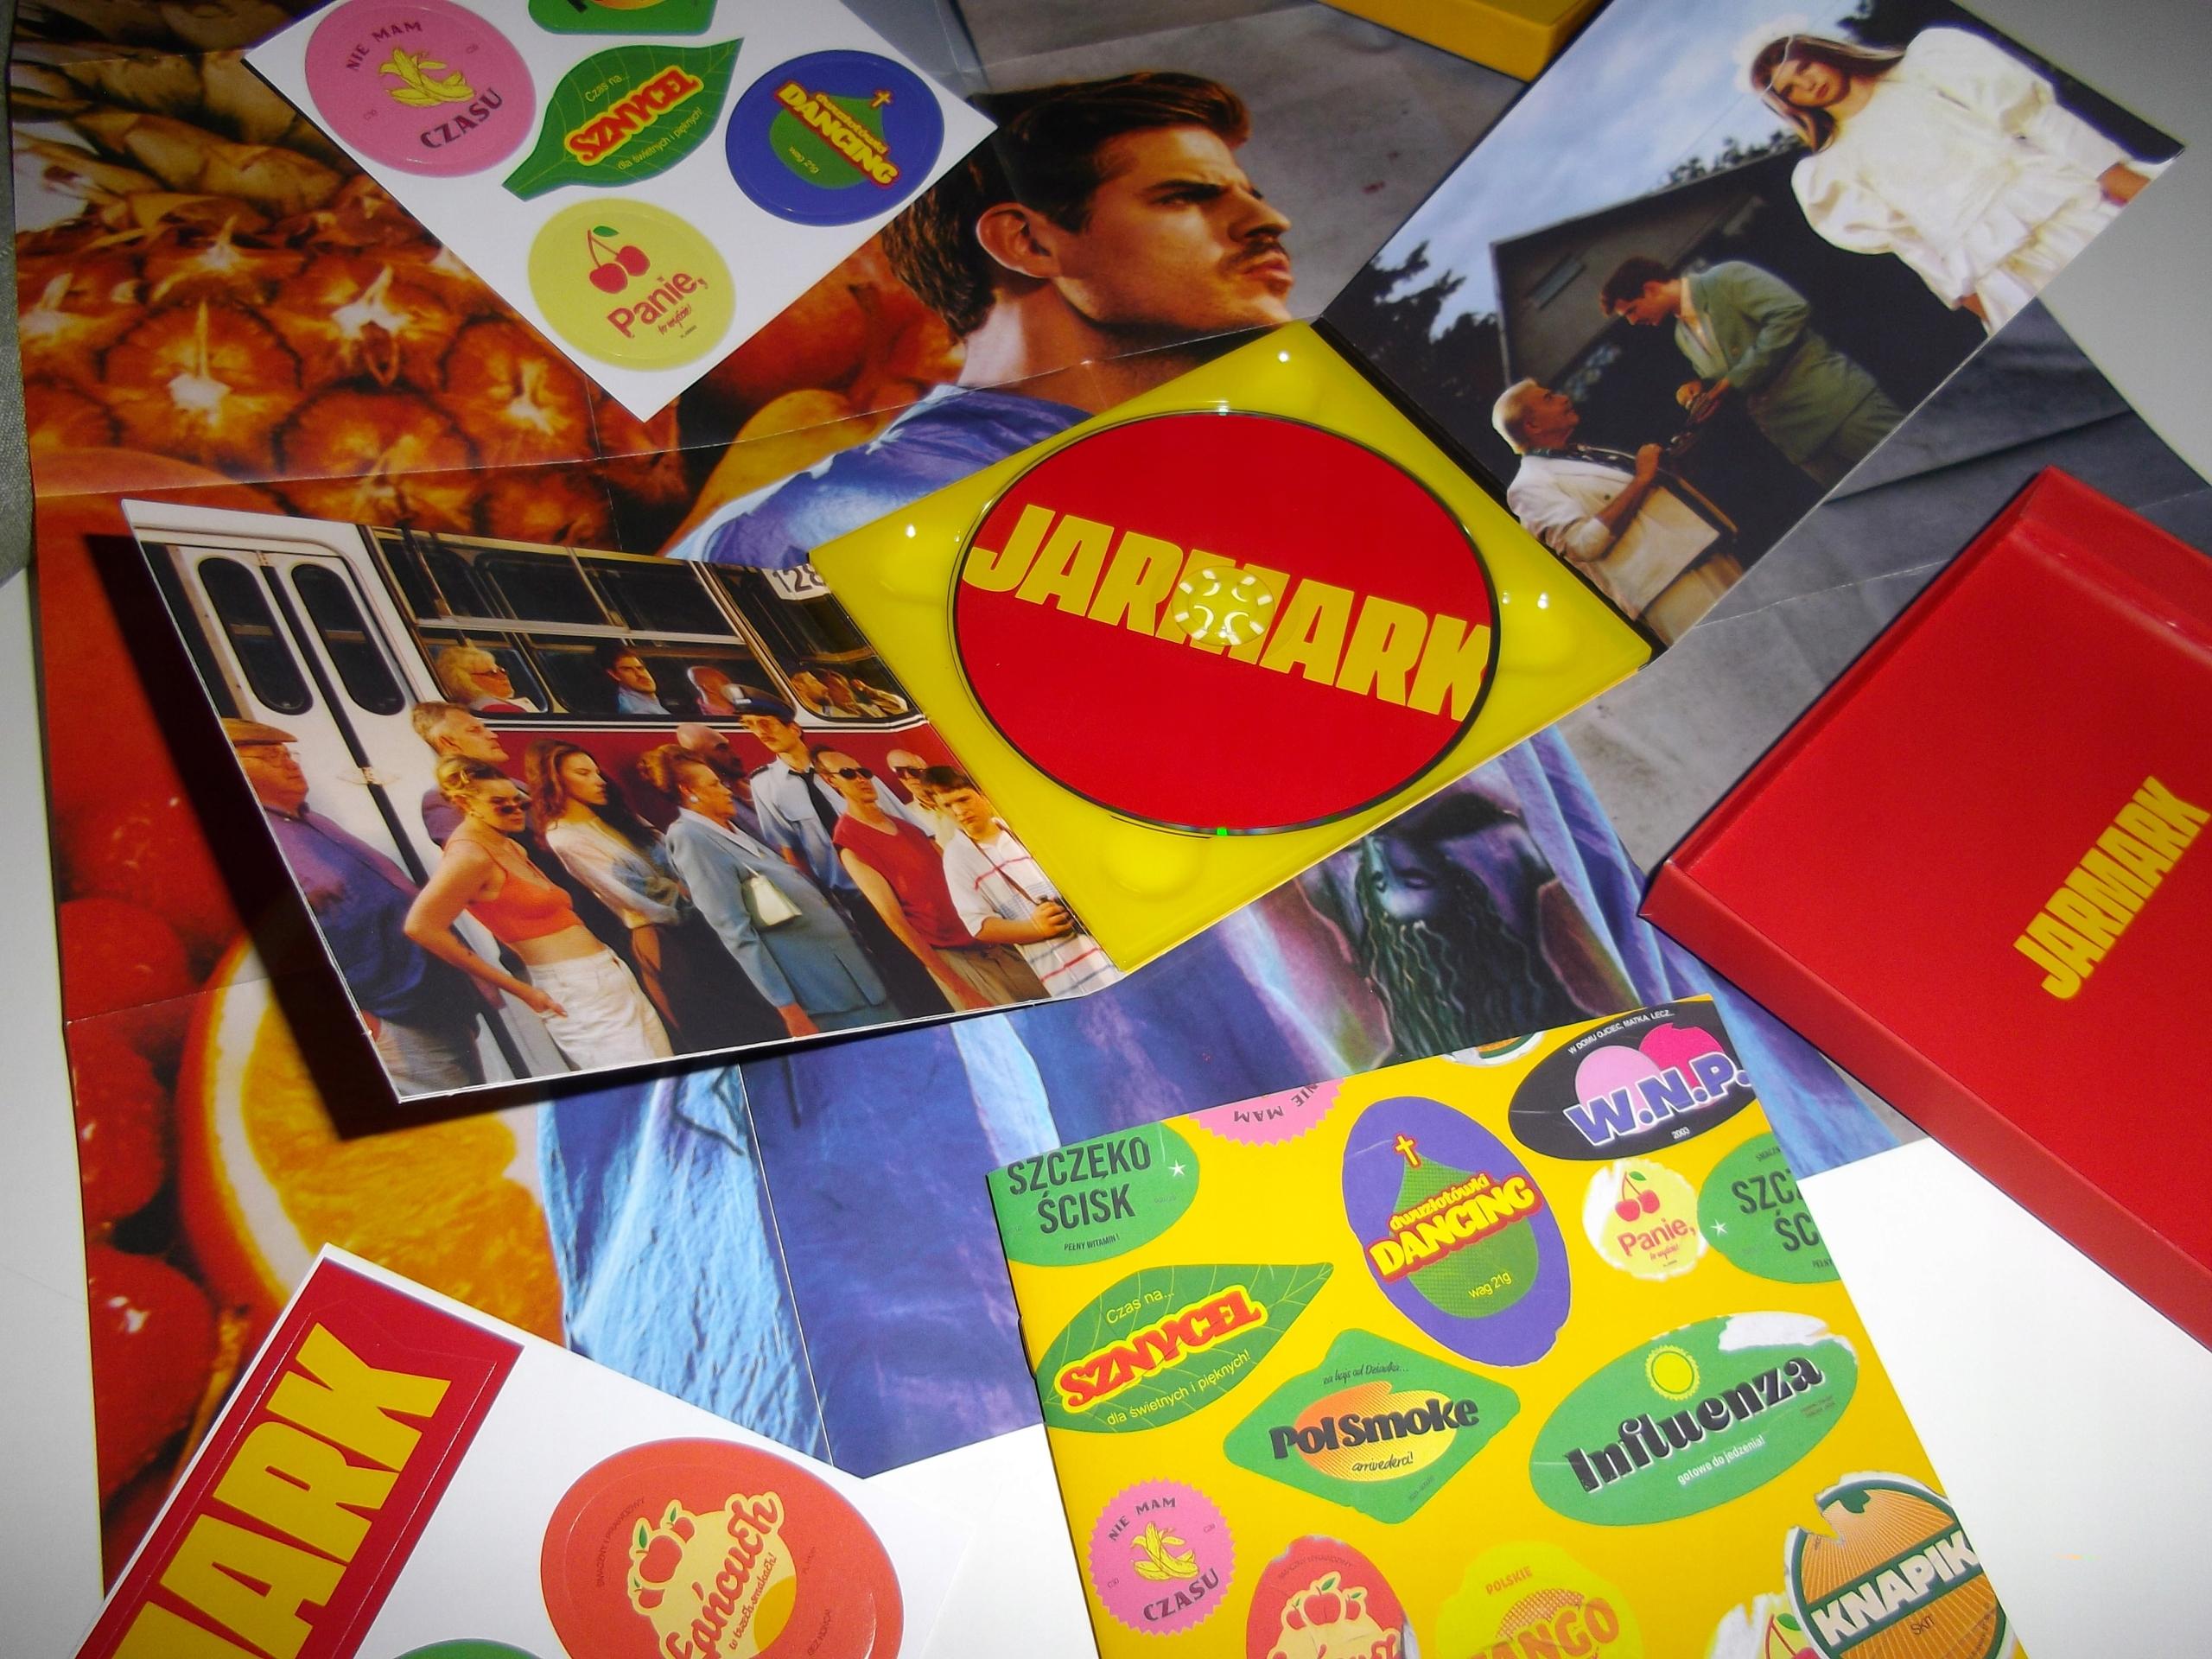 Taco Hemingway Jarmark Fan Box Mini Plakat Wlepki 9676471364 Allegro Pl